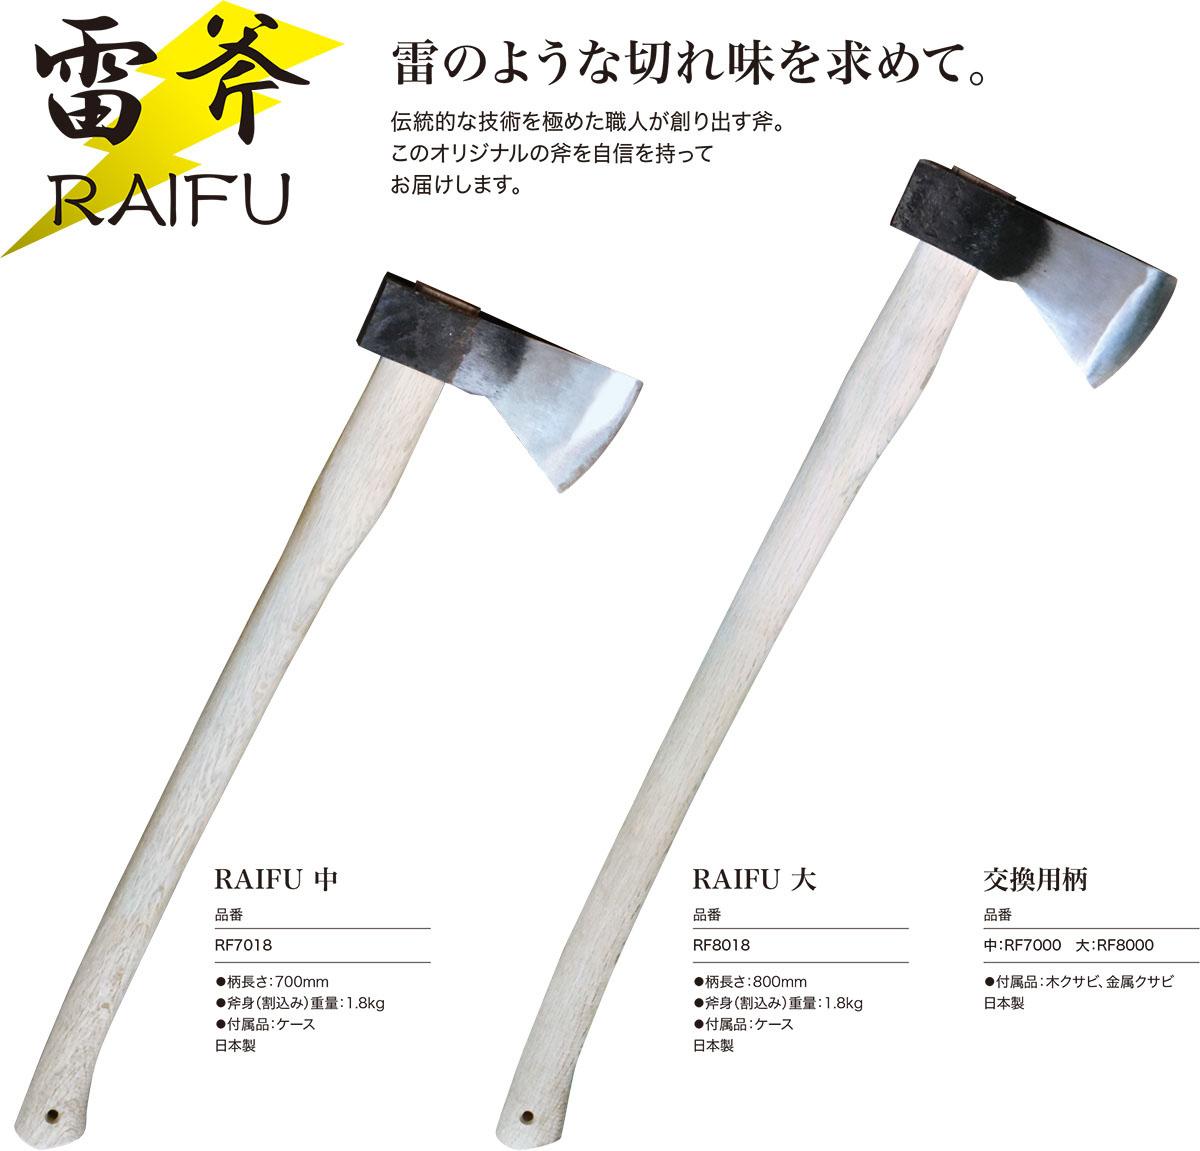 雷斧(RAIFU)   京阪エンジニアリング